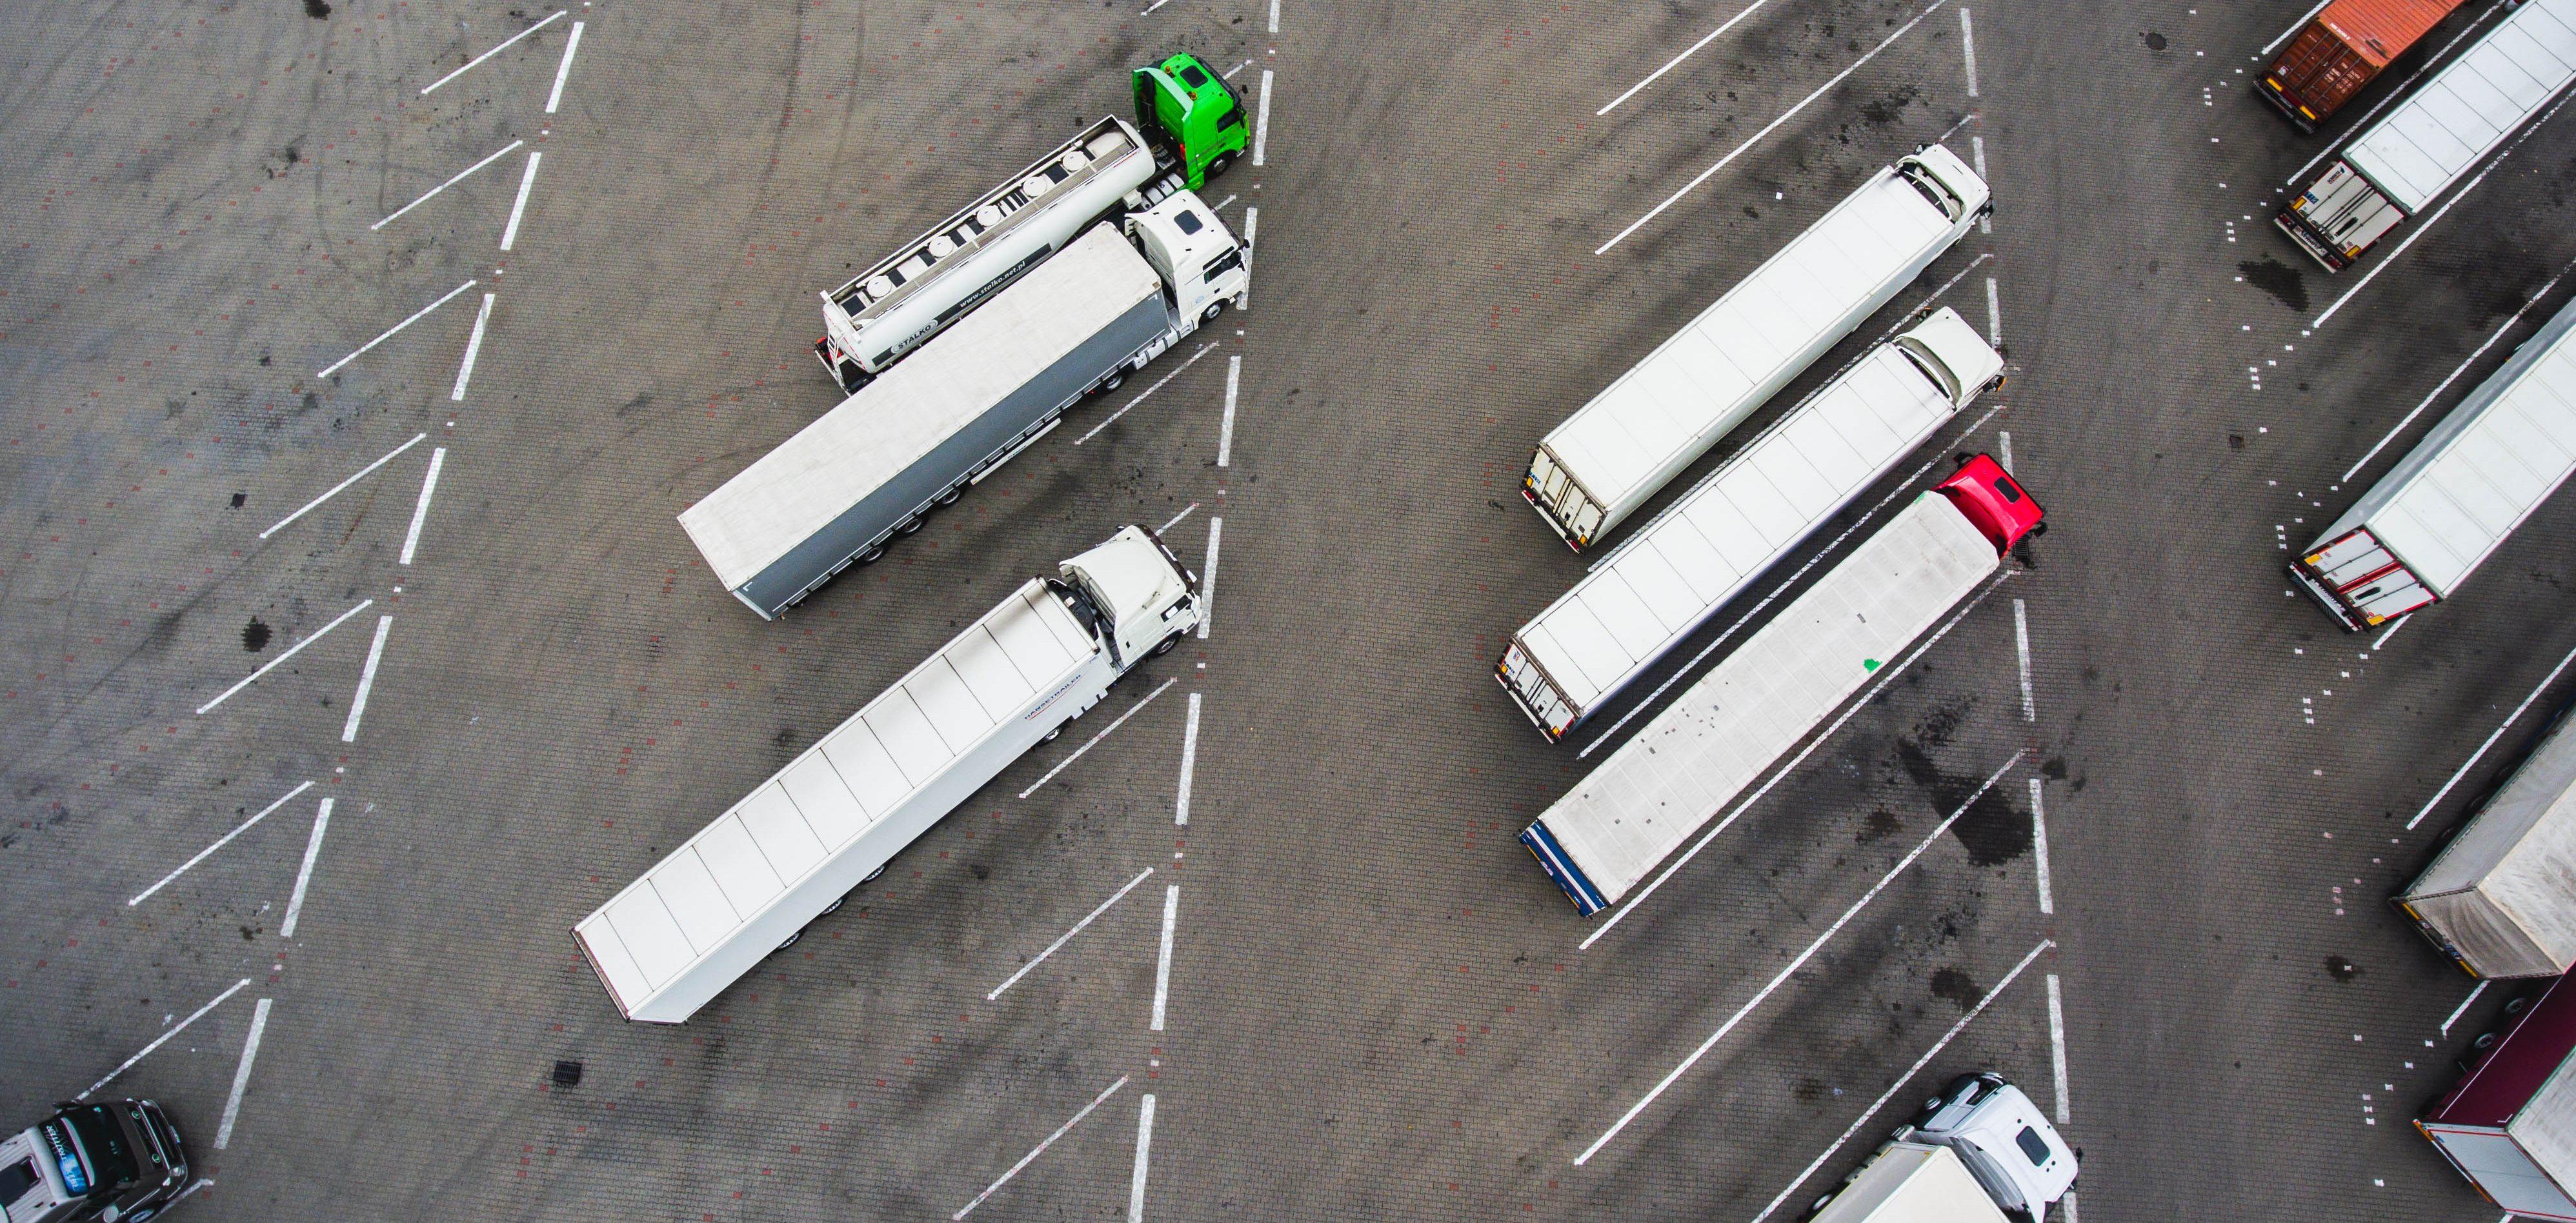 Не ослабевают споры вокруг Пакета мобильности. Чем отличается международная перевозка от транзита?